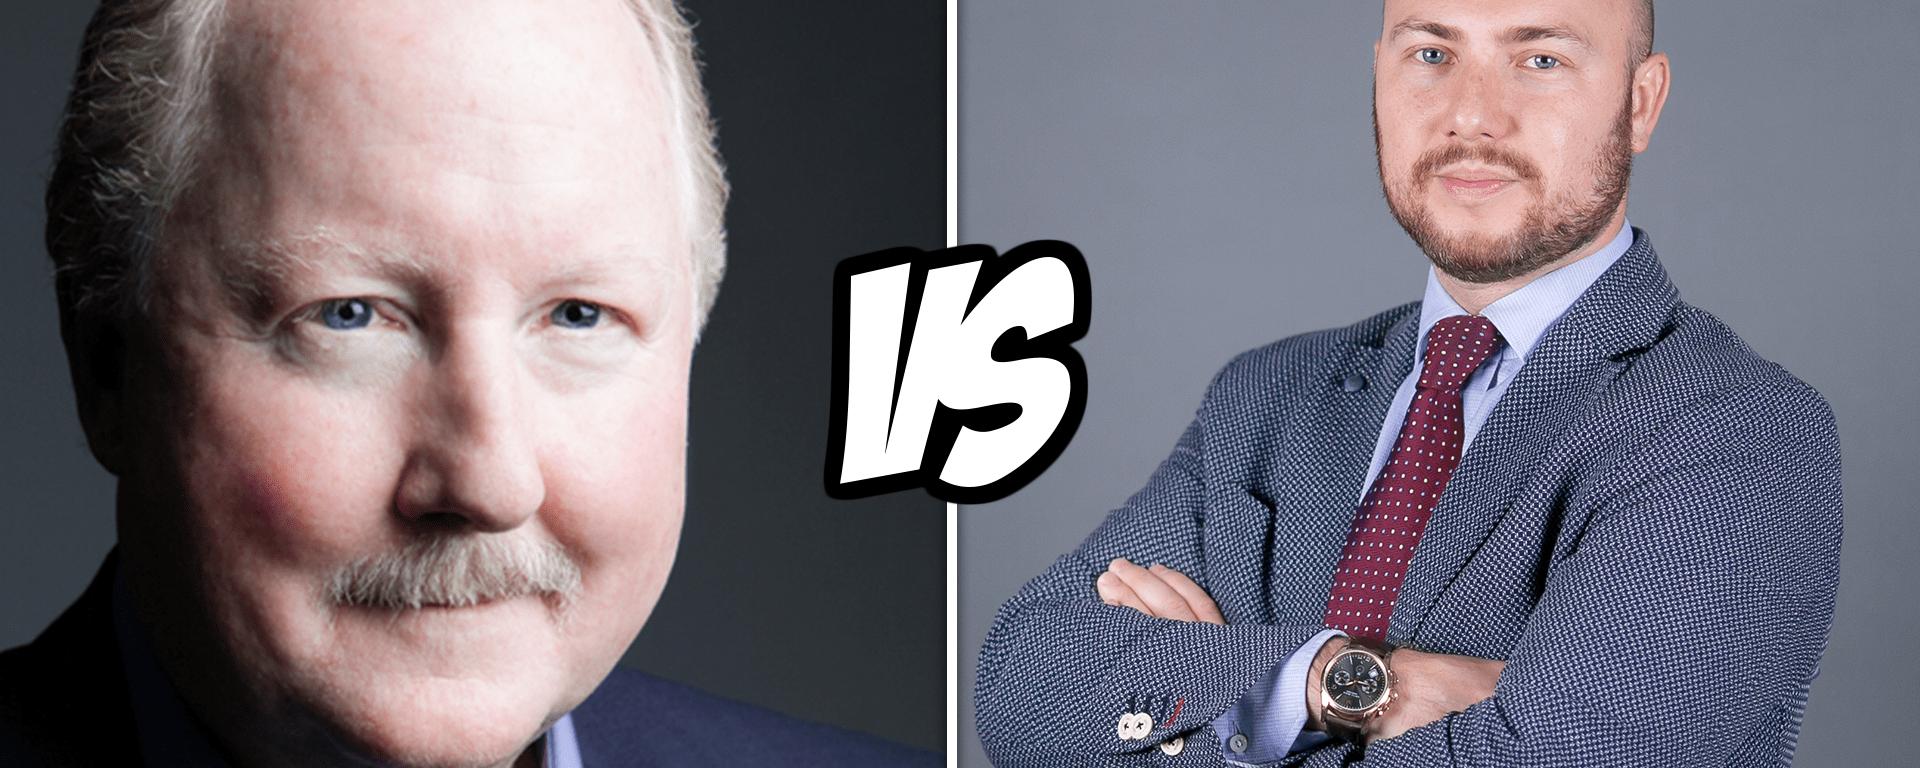 The great debate – Alex Sidorenko vs Chris Mandel – is ERM real?